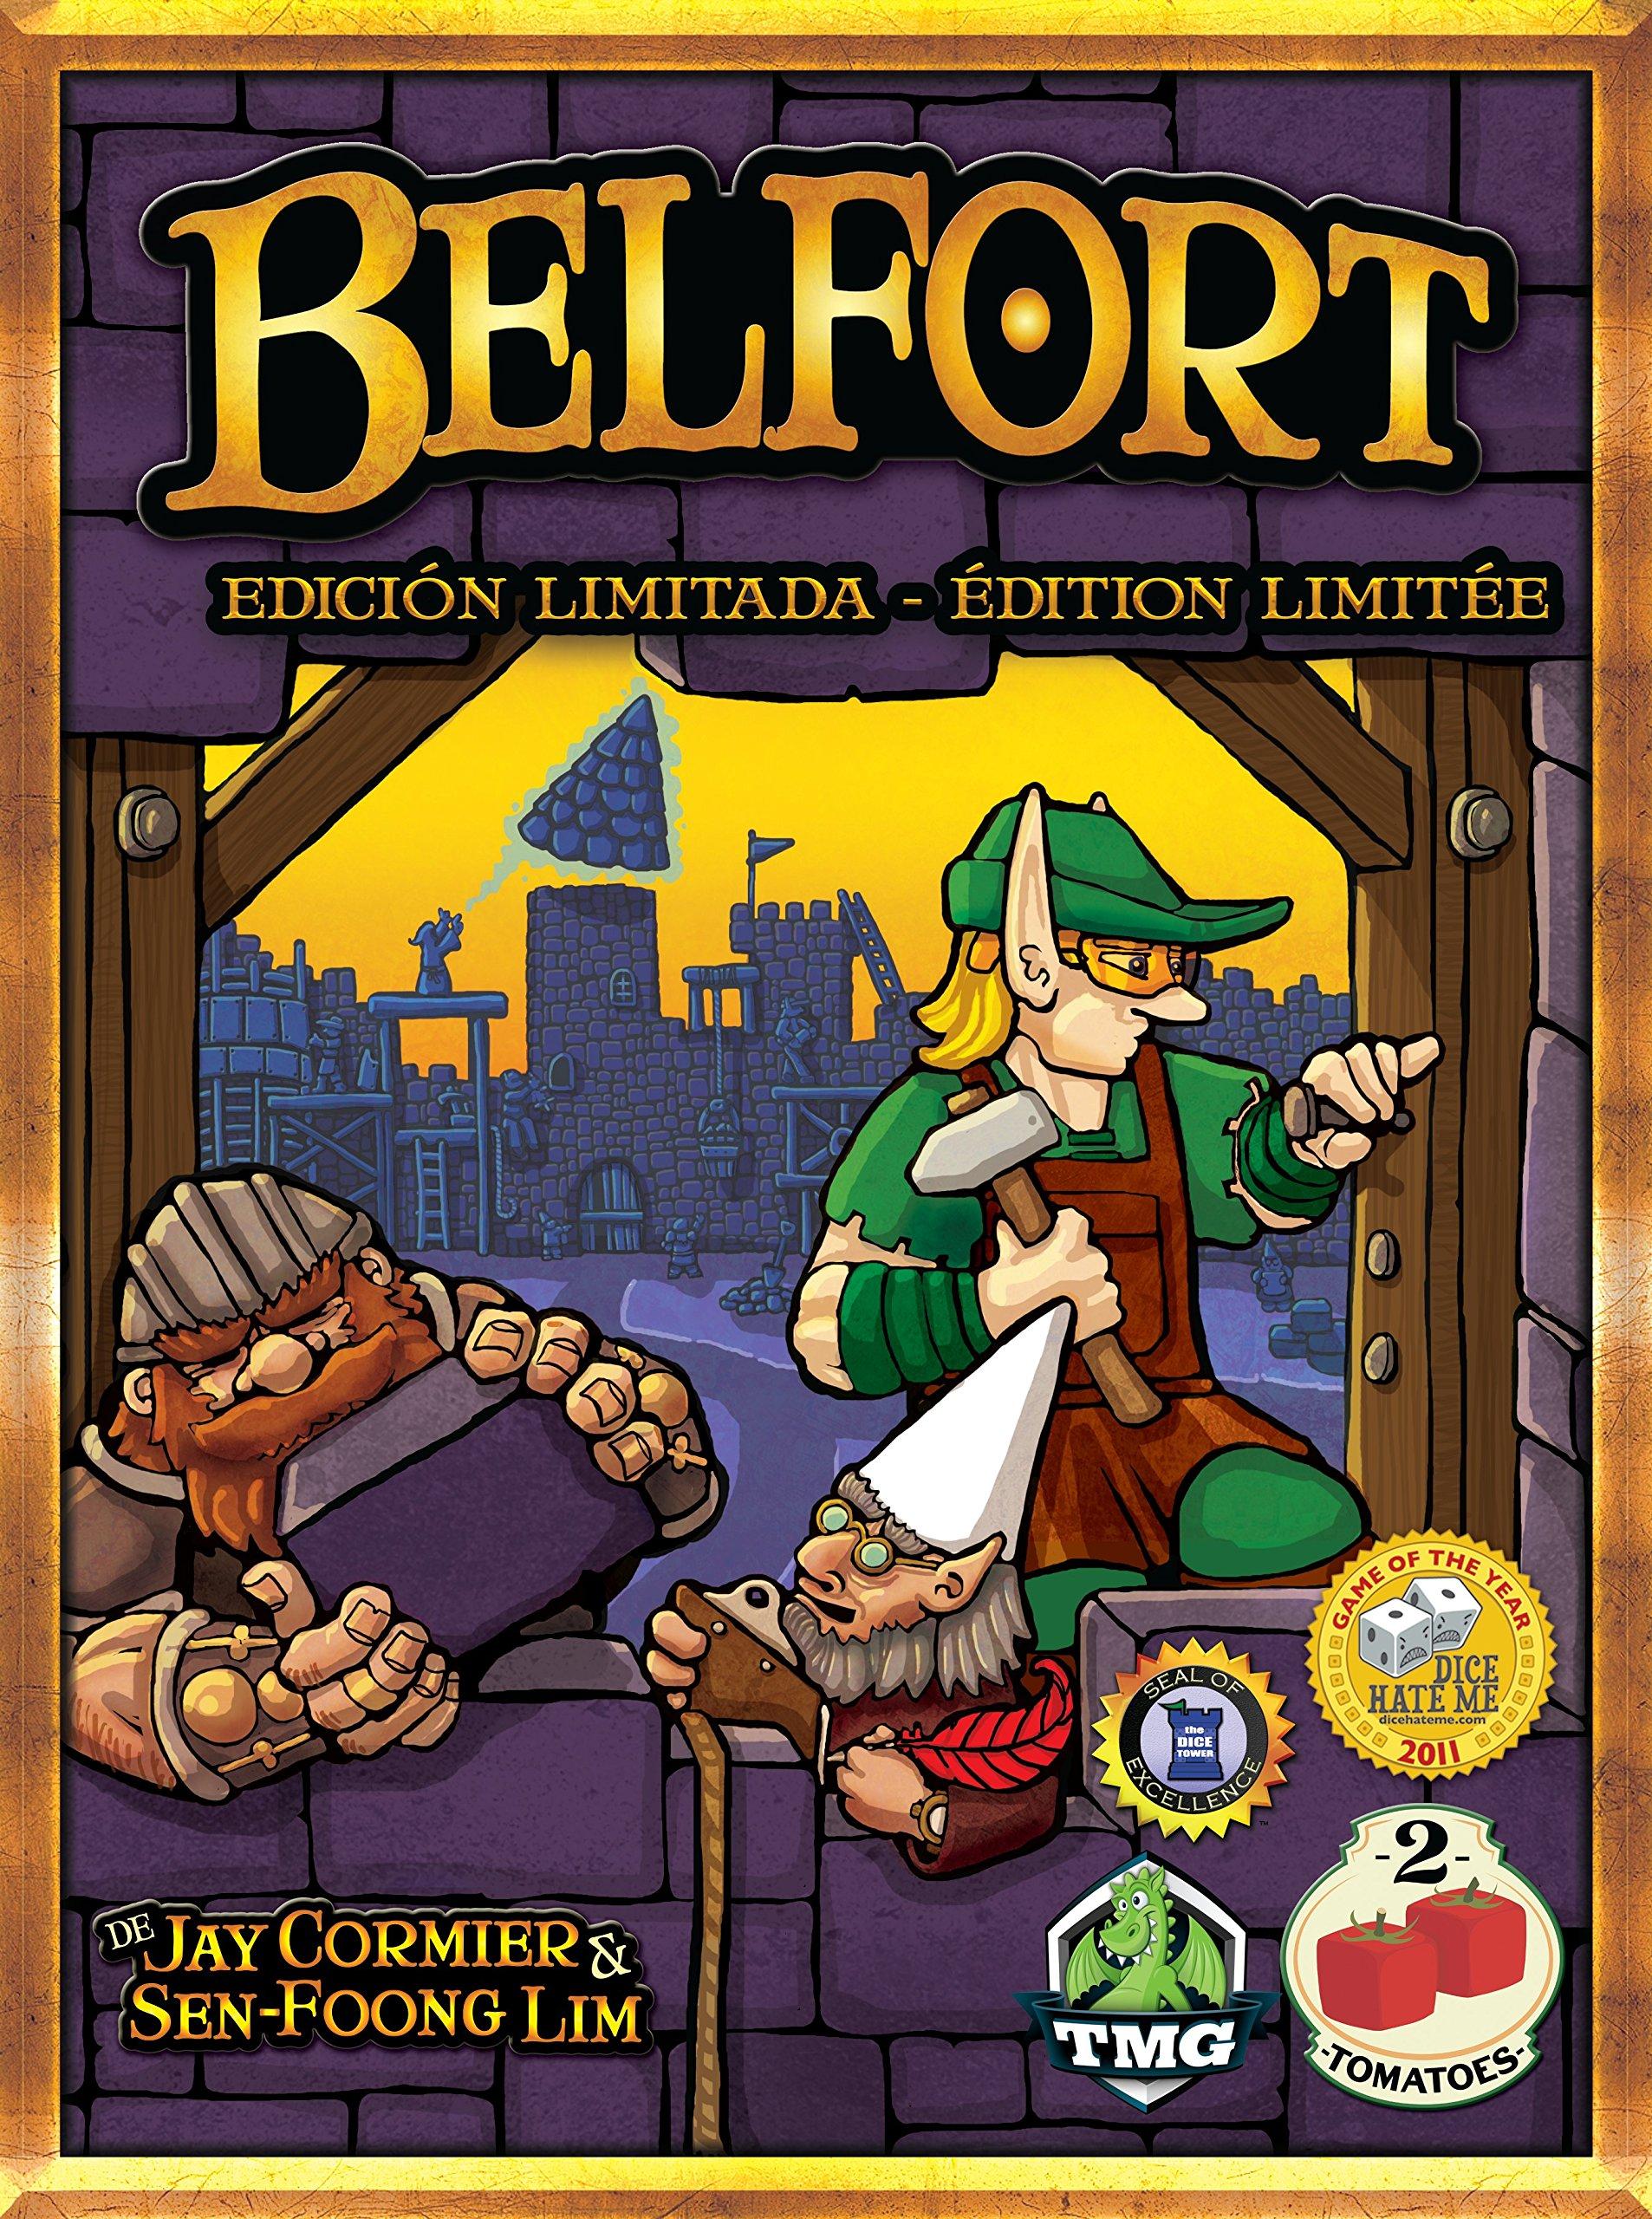 2 tomatoes - Belfort Edición Coleccionista, Juego de Mesa: Amazon.es: Juguetes y juegos